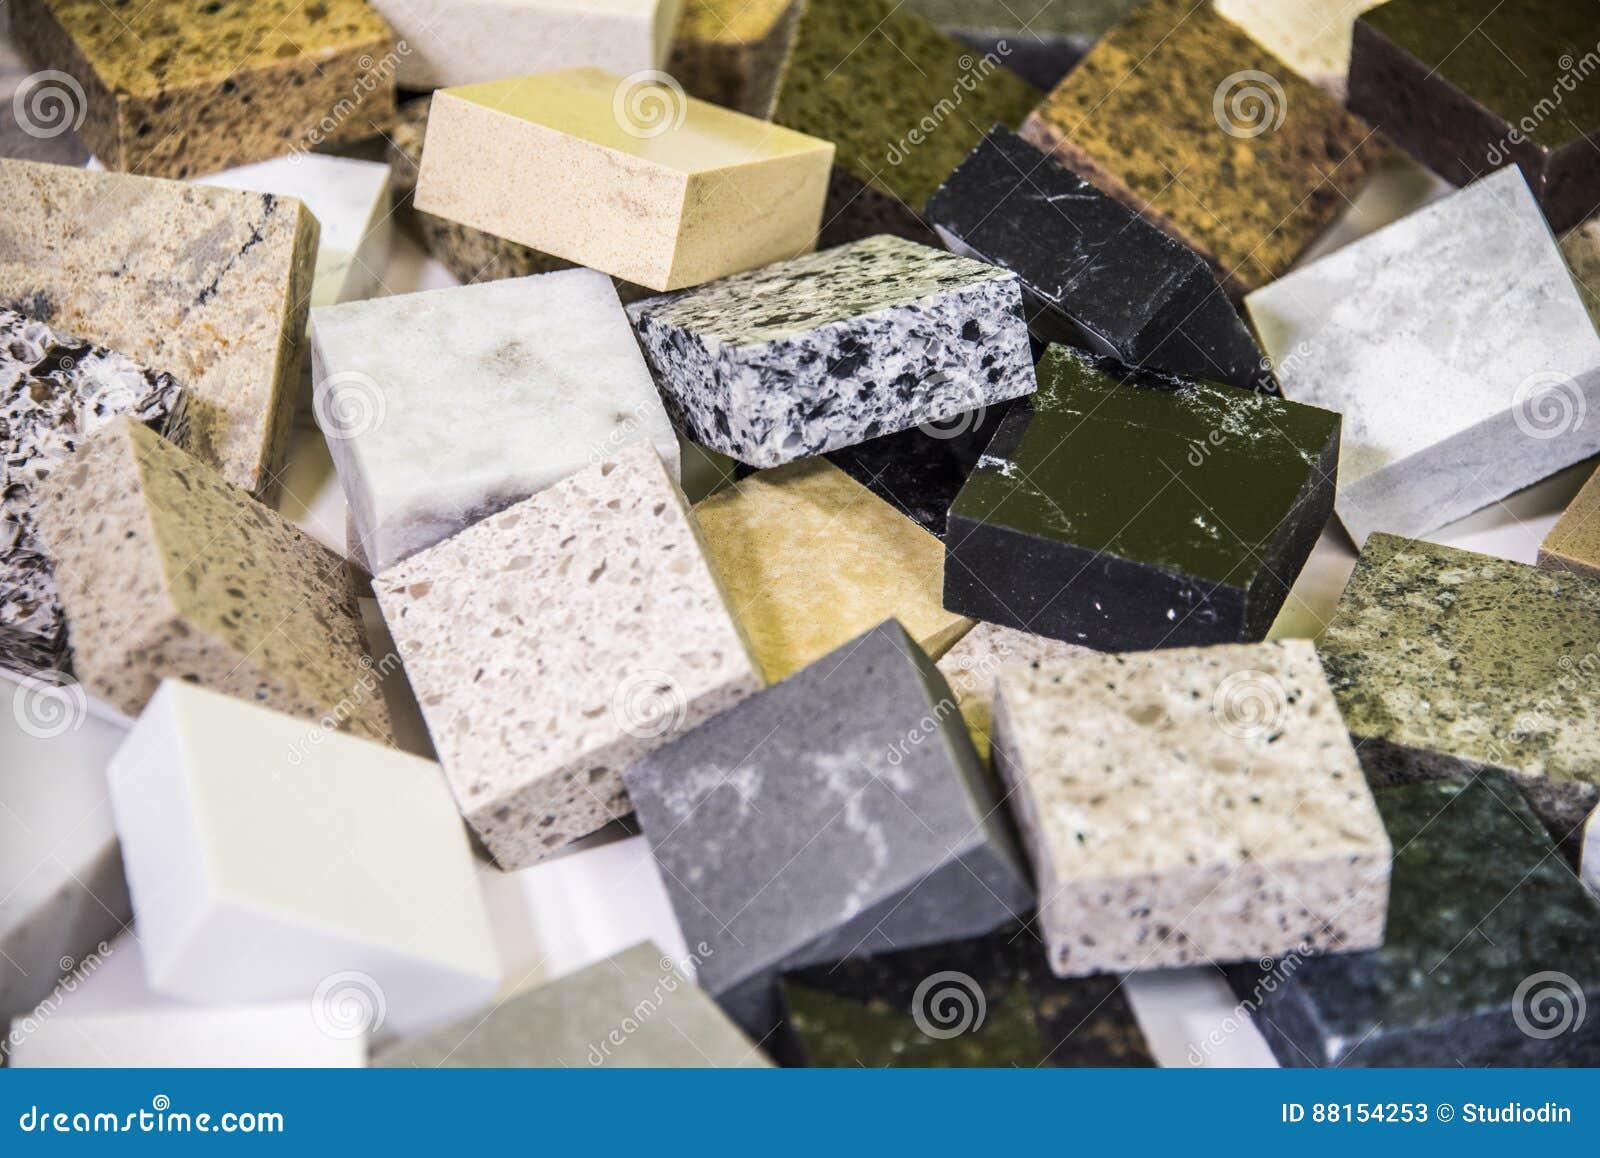 Les Contre  échantillons De Couleur De Granit Et De Marbre Se Ferment